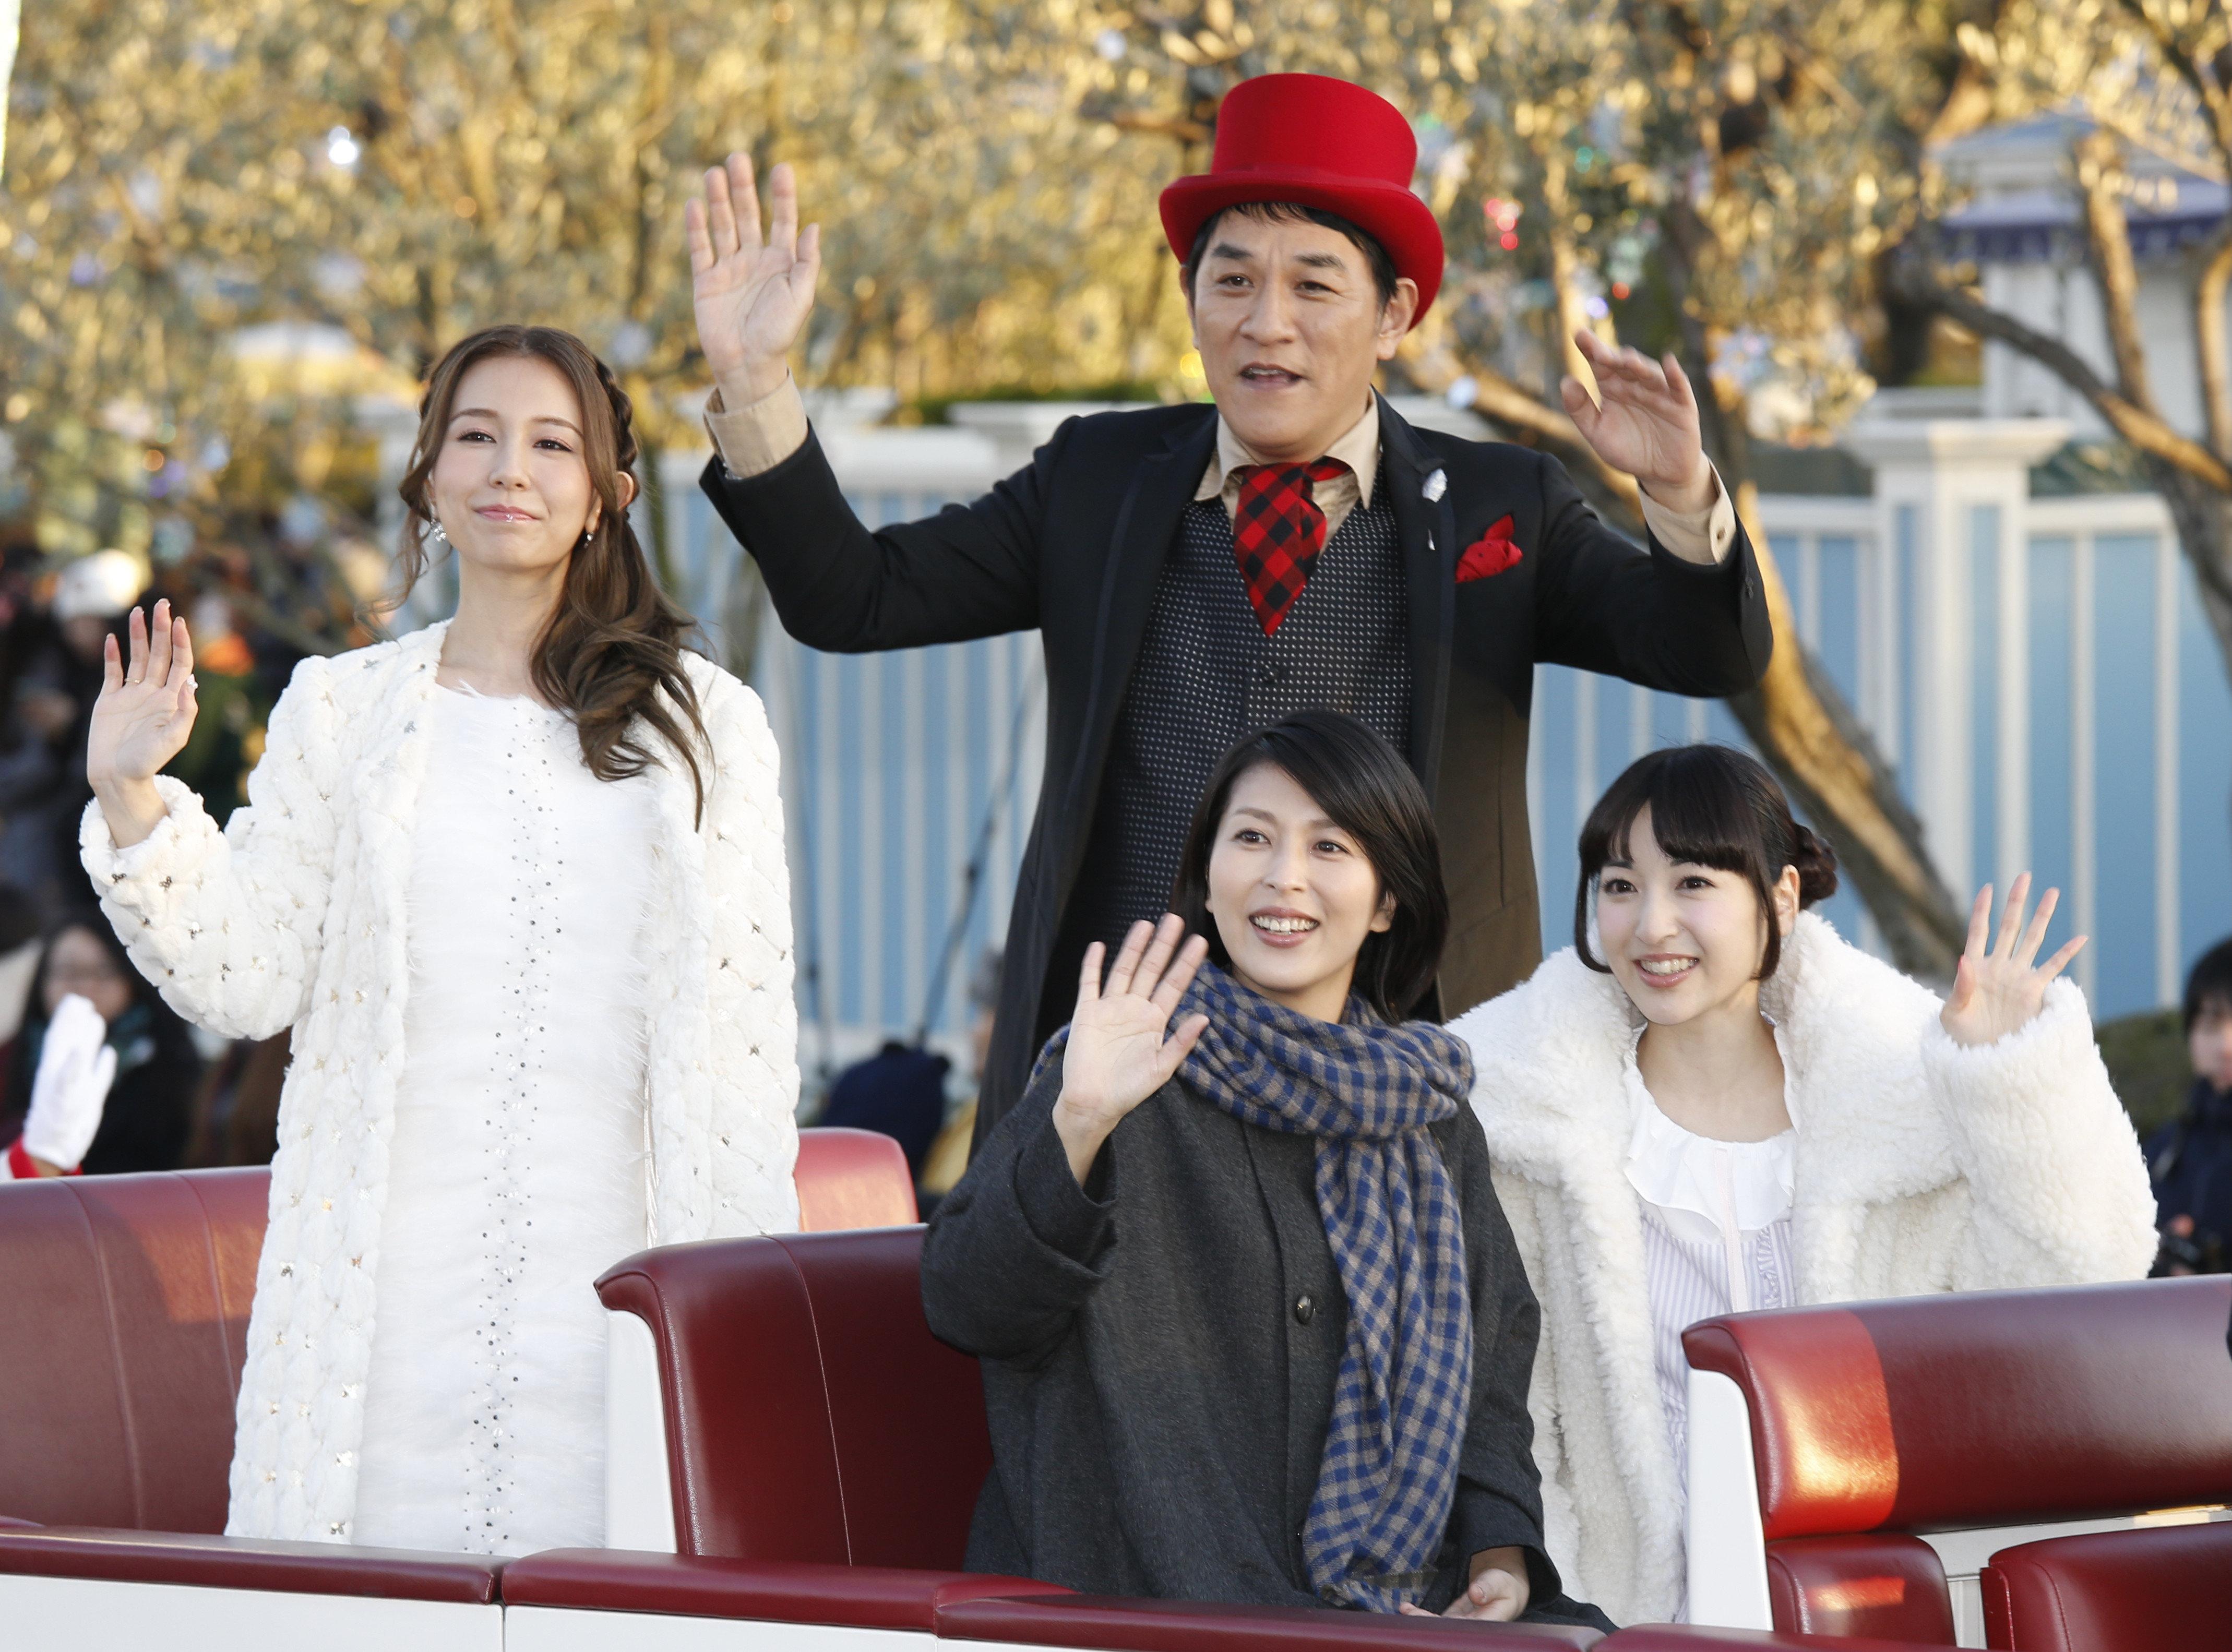 東京ディズニーランドで始まった「アナとエルサのフローズンファンタジー」の初日記念セレモニーに映画「アナと雪の女王」日本語吹き替え版の神田沙也加、松たか子、ピエール瀧とエンドソングを歌ったMay J.がサプライズで登場しパレードした=2015年1月13日、千葉県浦安市